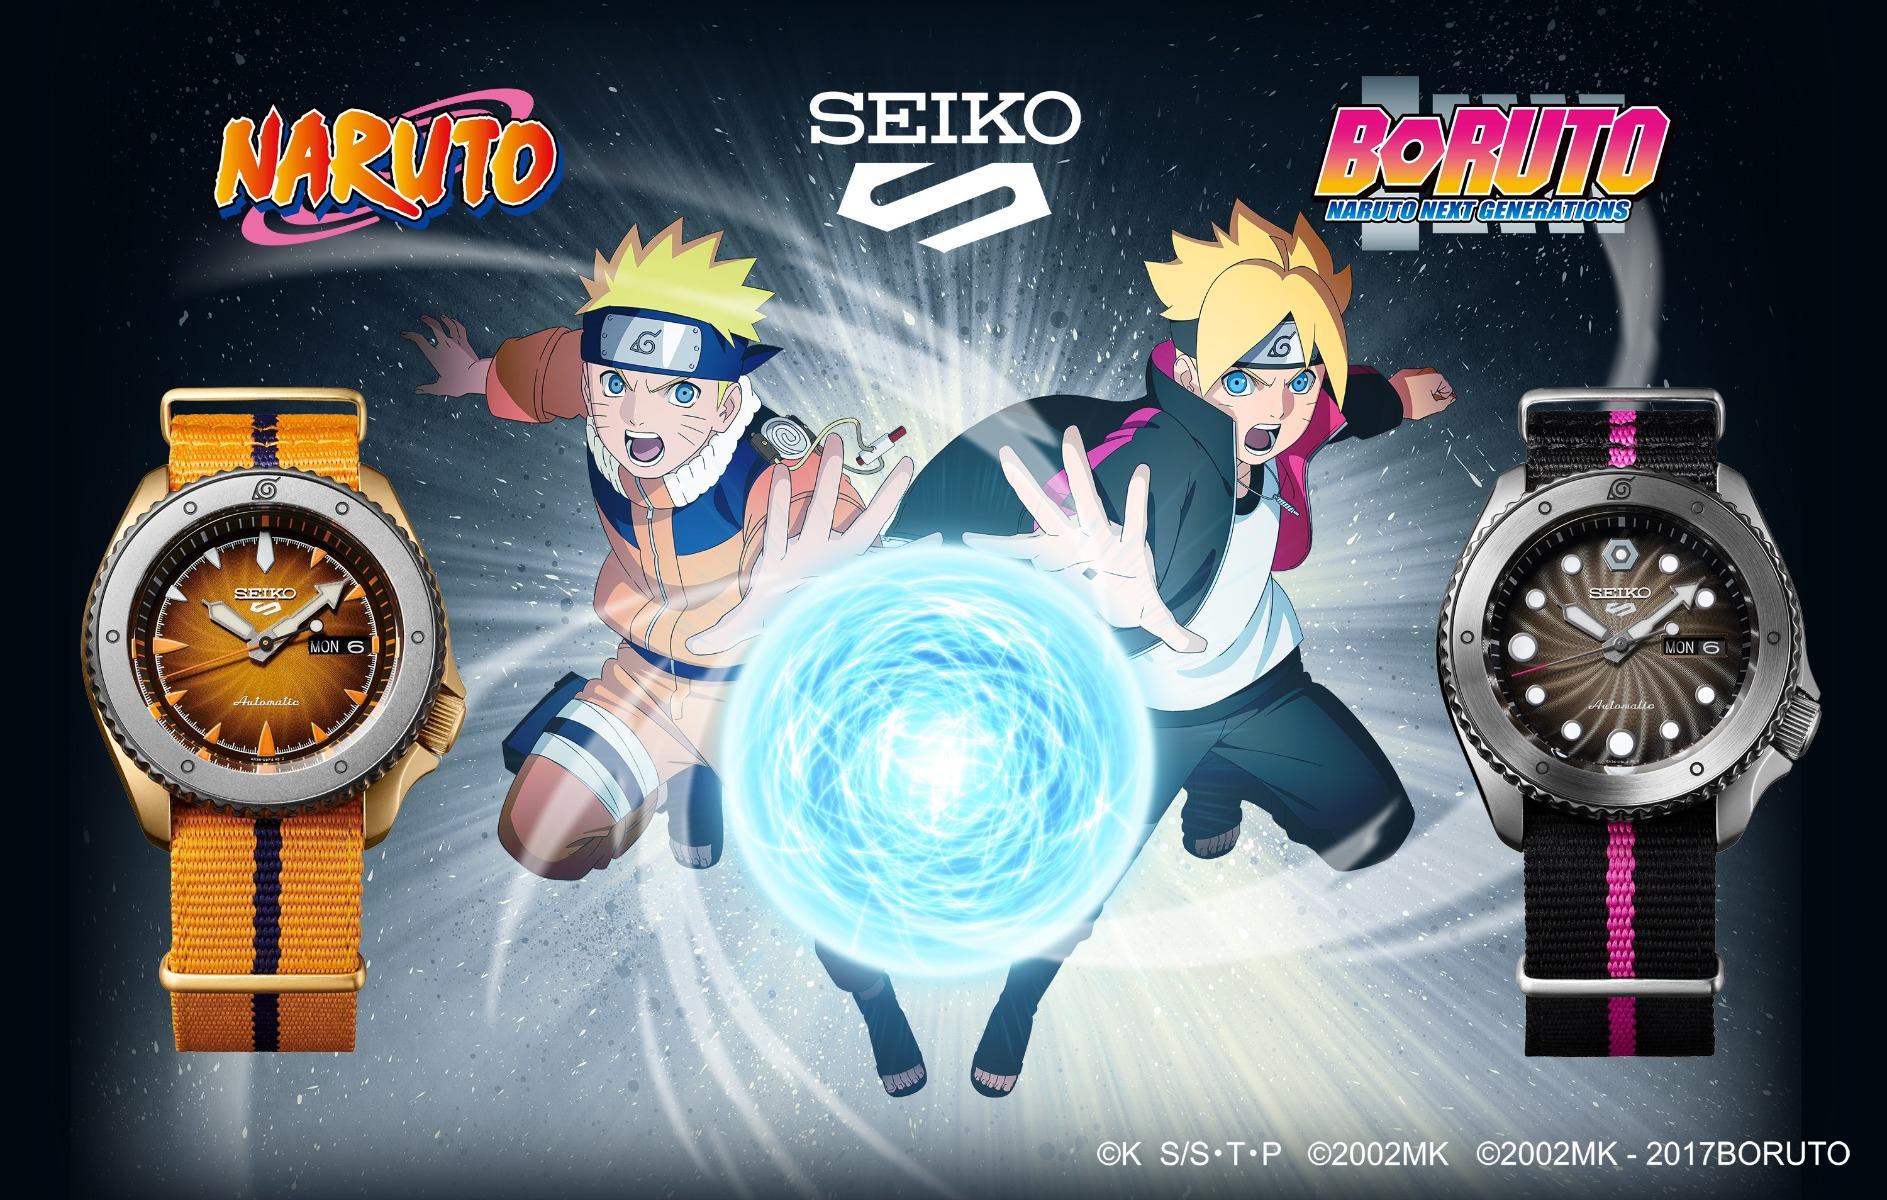 Seiko 5 Sports meets NARUTO & BORUTO.